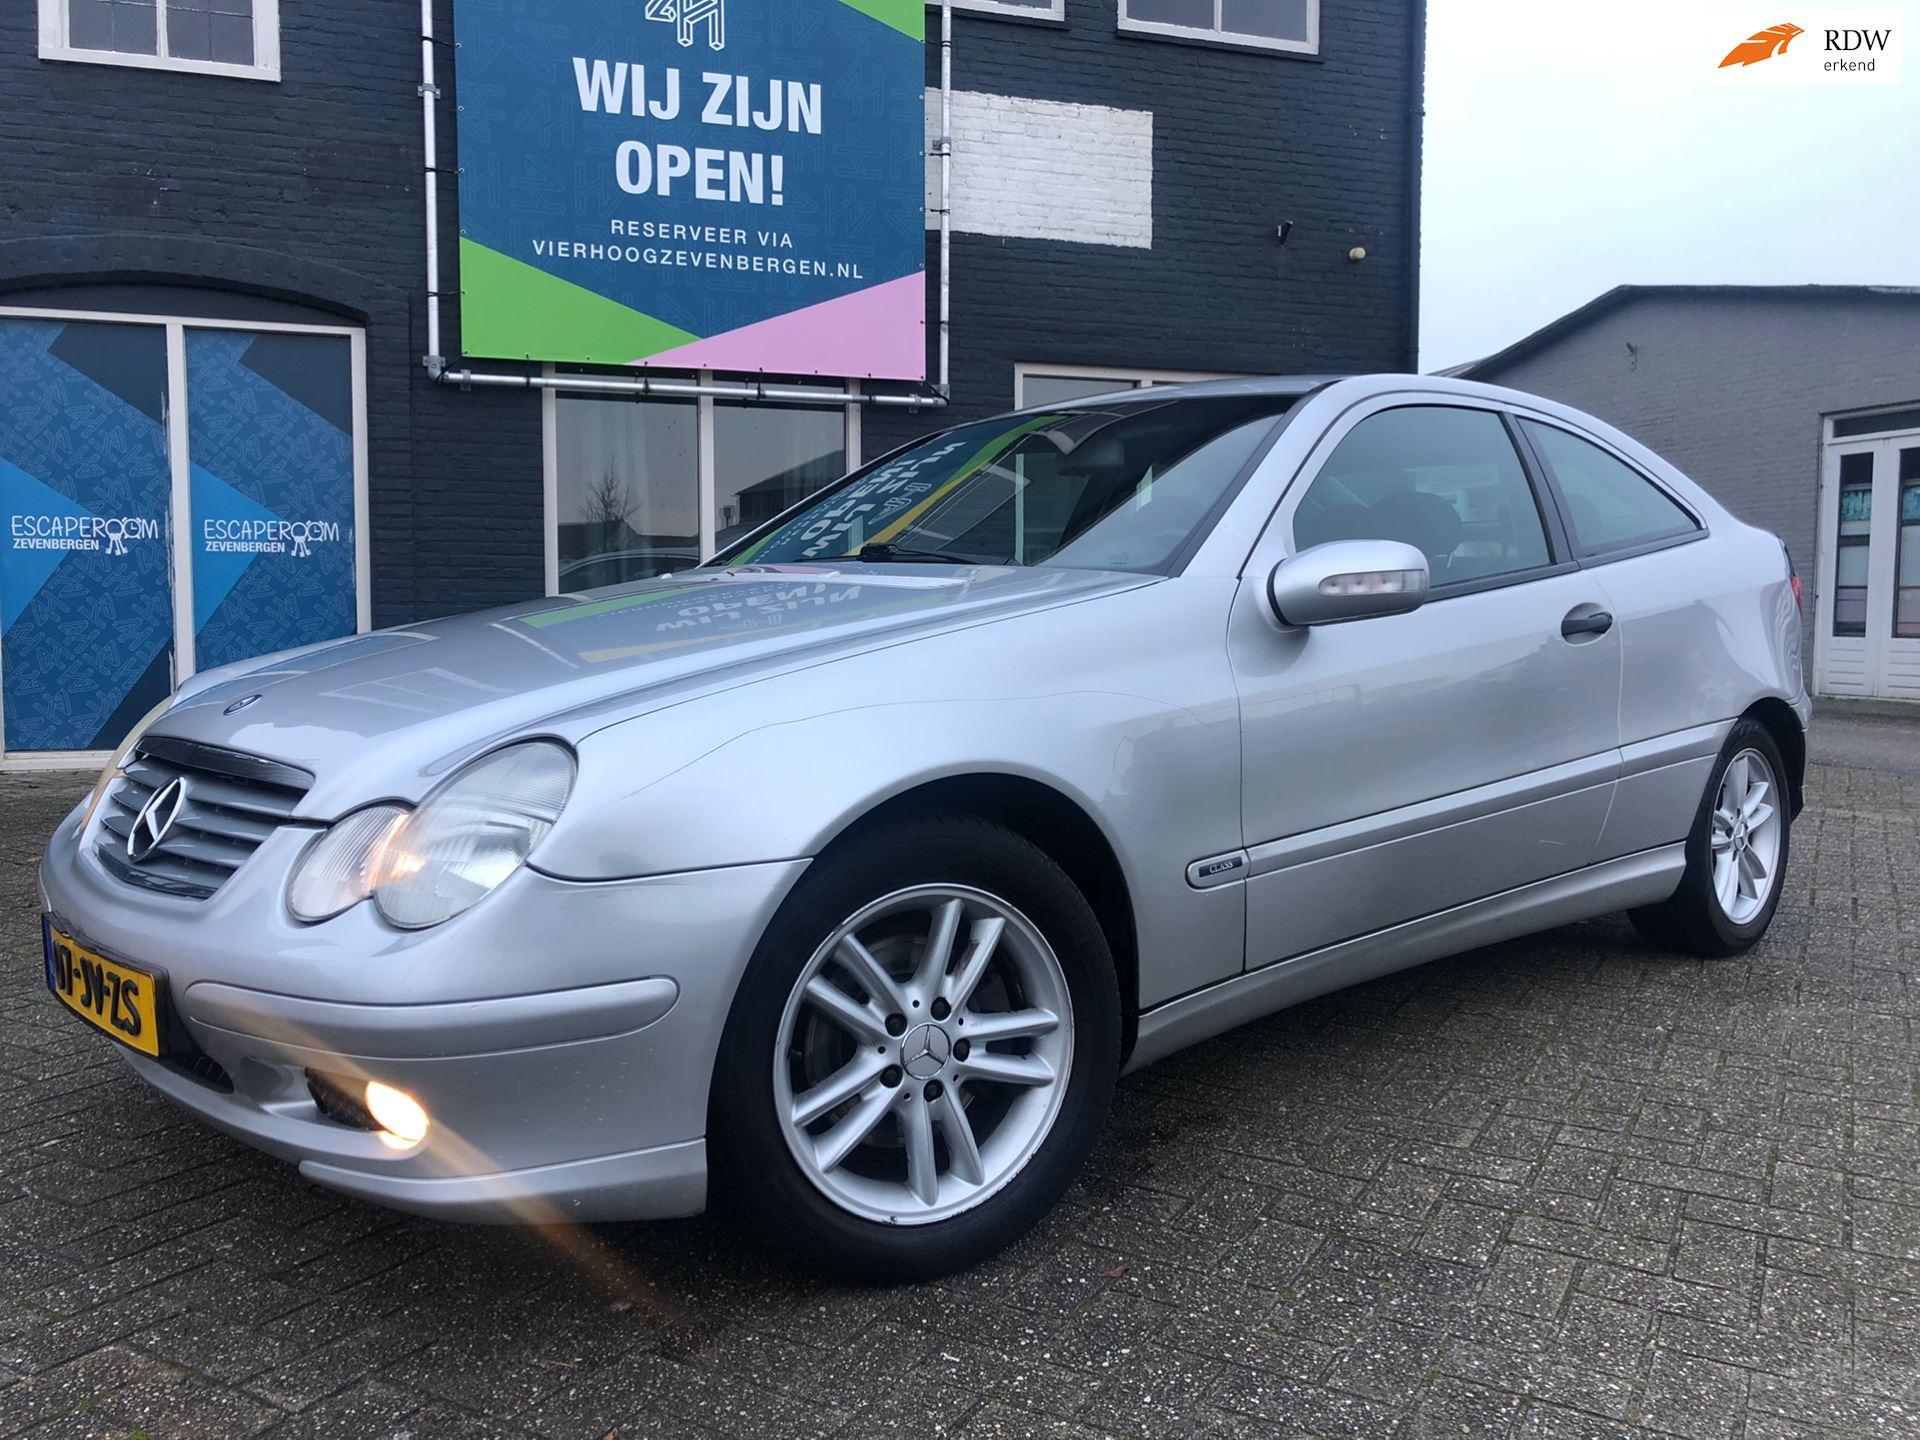 Mercedes-Benz C-klasse Sportcoupé occasion - Limited Car